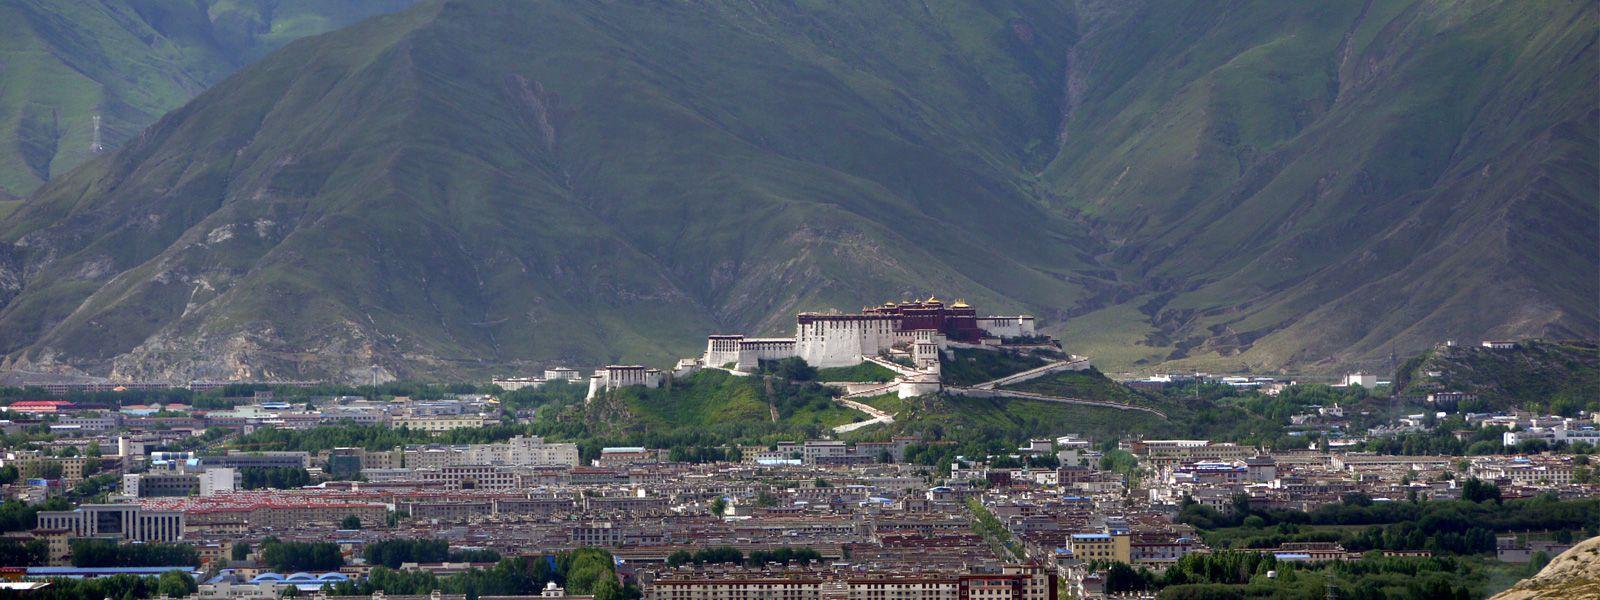 Potala Palace in Lhasa Tibet!